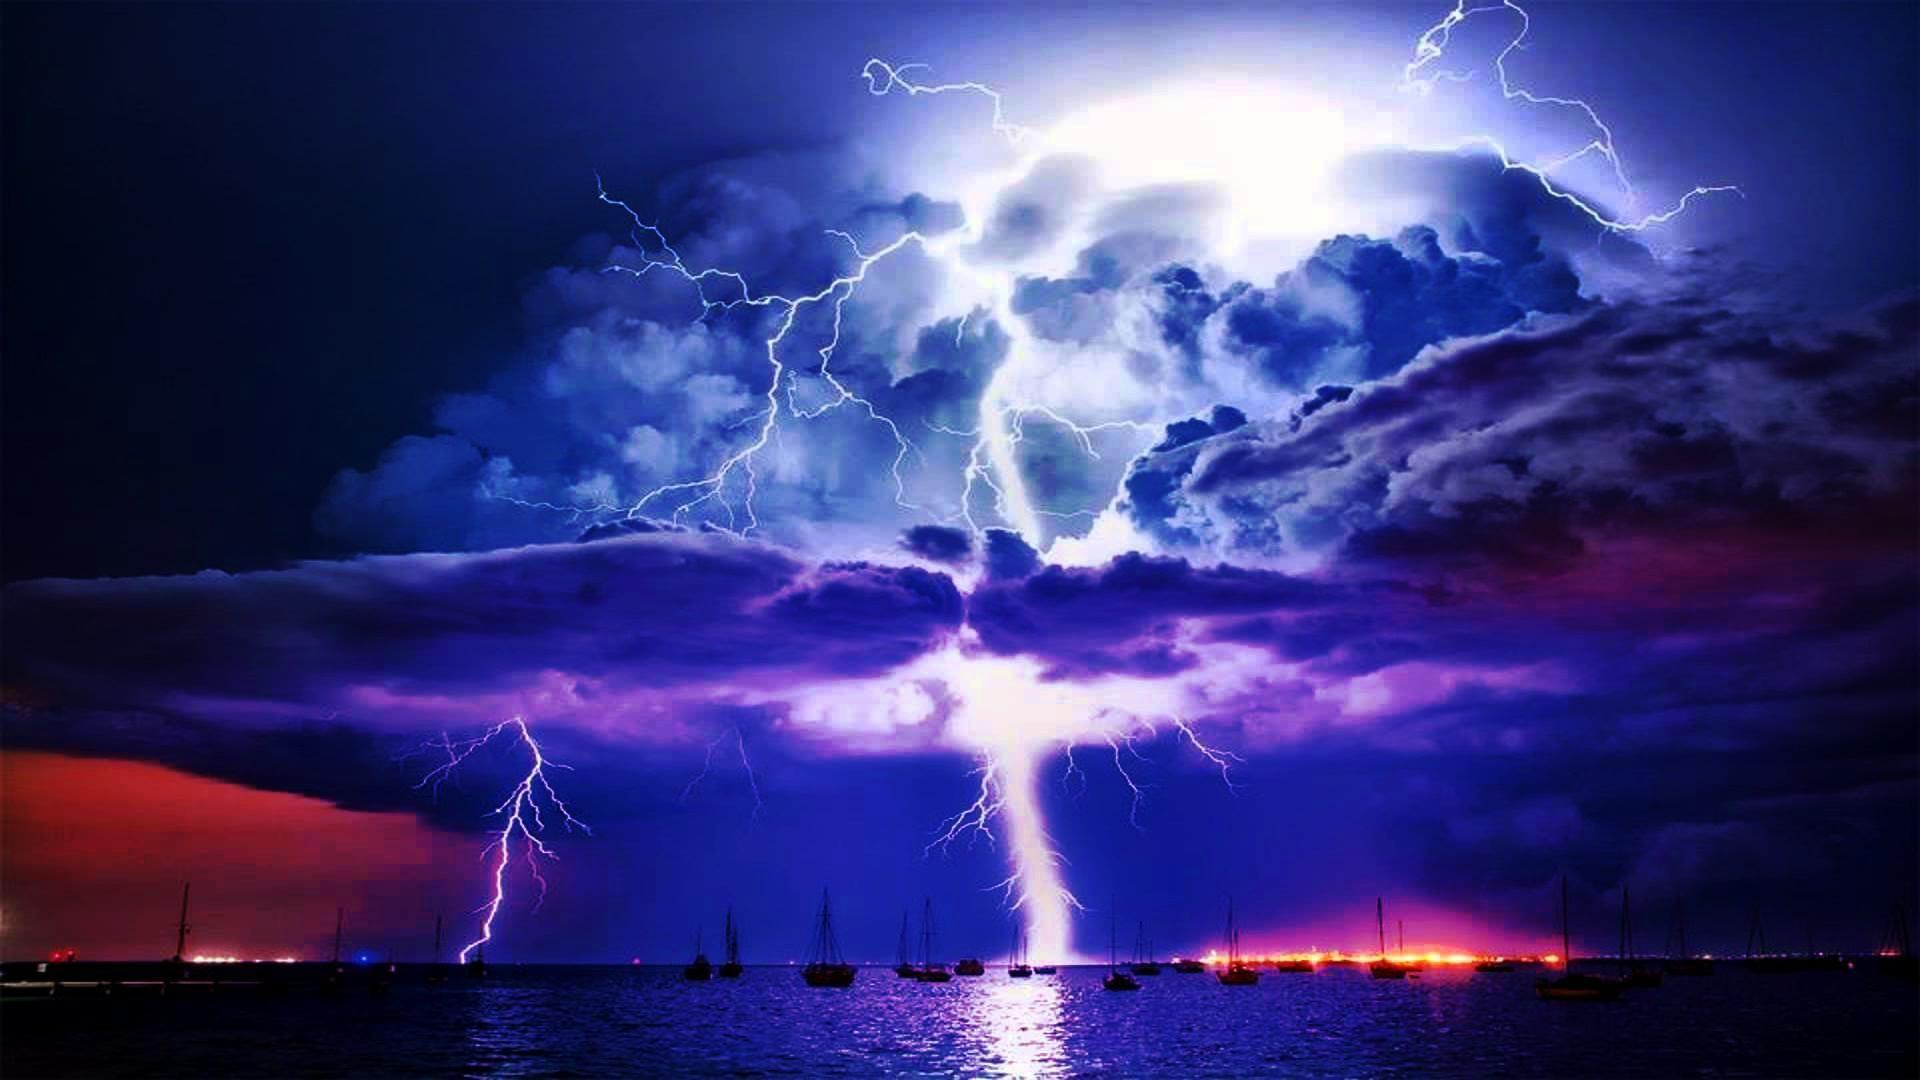 Lightning Storm Wallpapers Free For Desktop Background px 128.11  KB